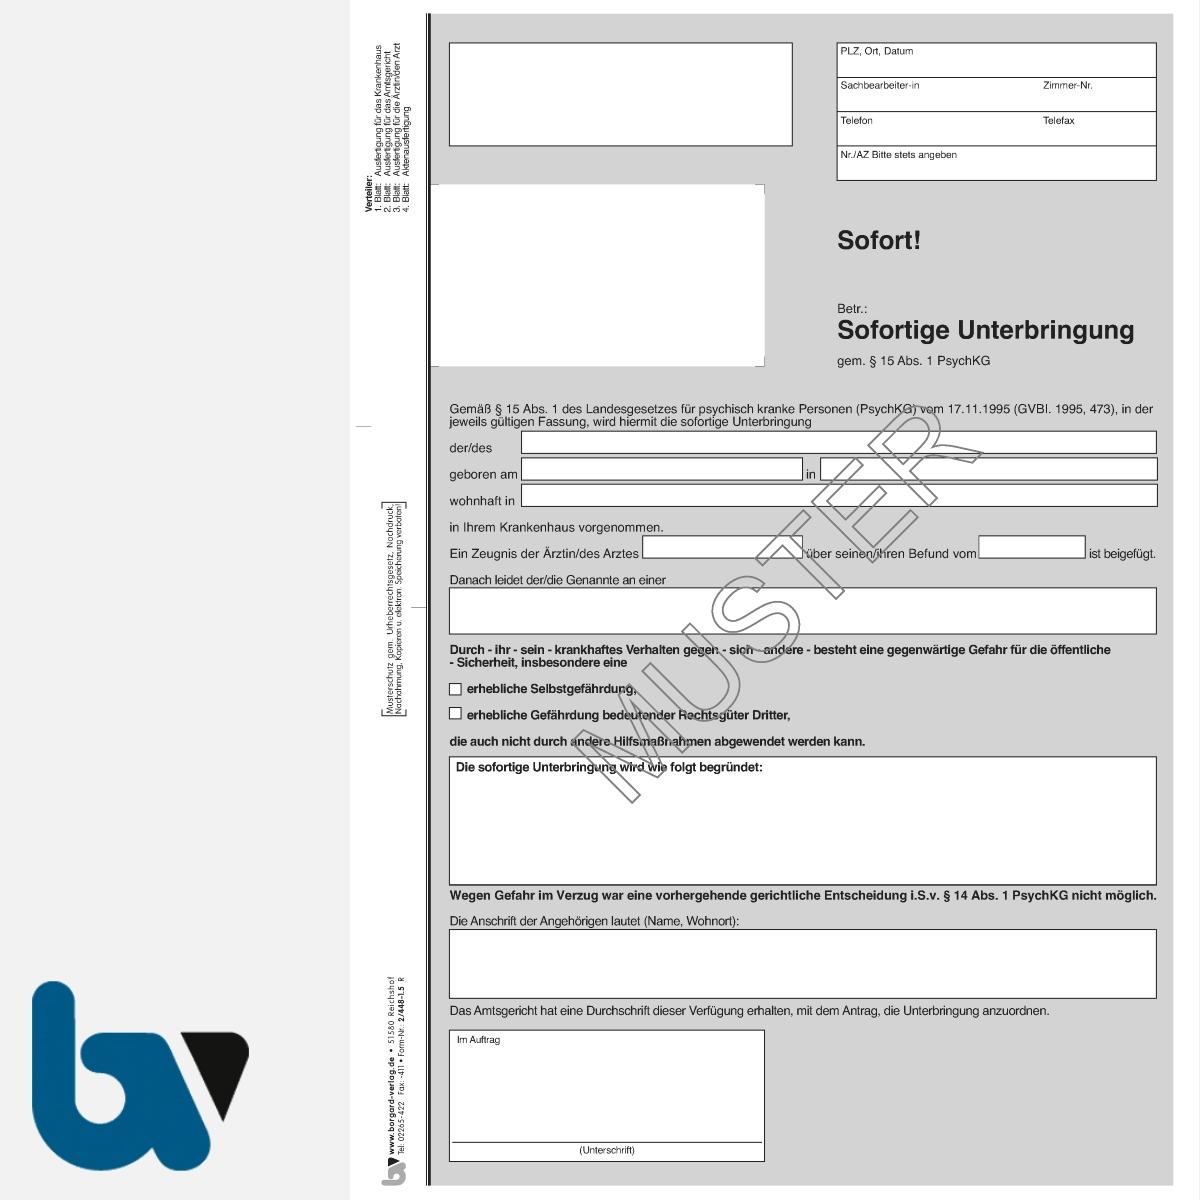 2/448-1.5 Sofortige Unterbringung Krankenhaus Paragraph 15 PsychKG RLP 4-fach selbstdurchschreibend DIN A4_seite 1 | Borgard Verlag GmbH